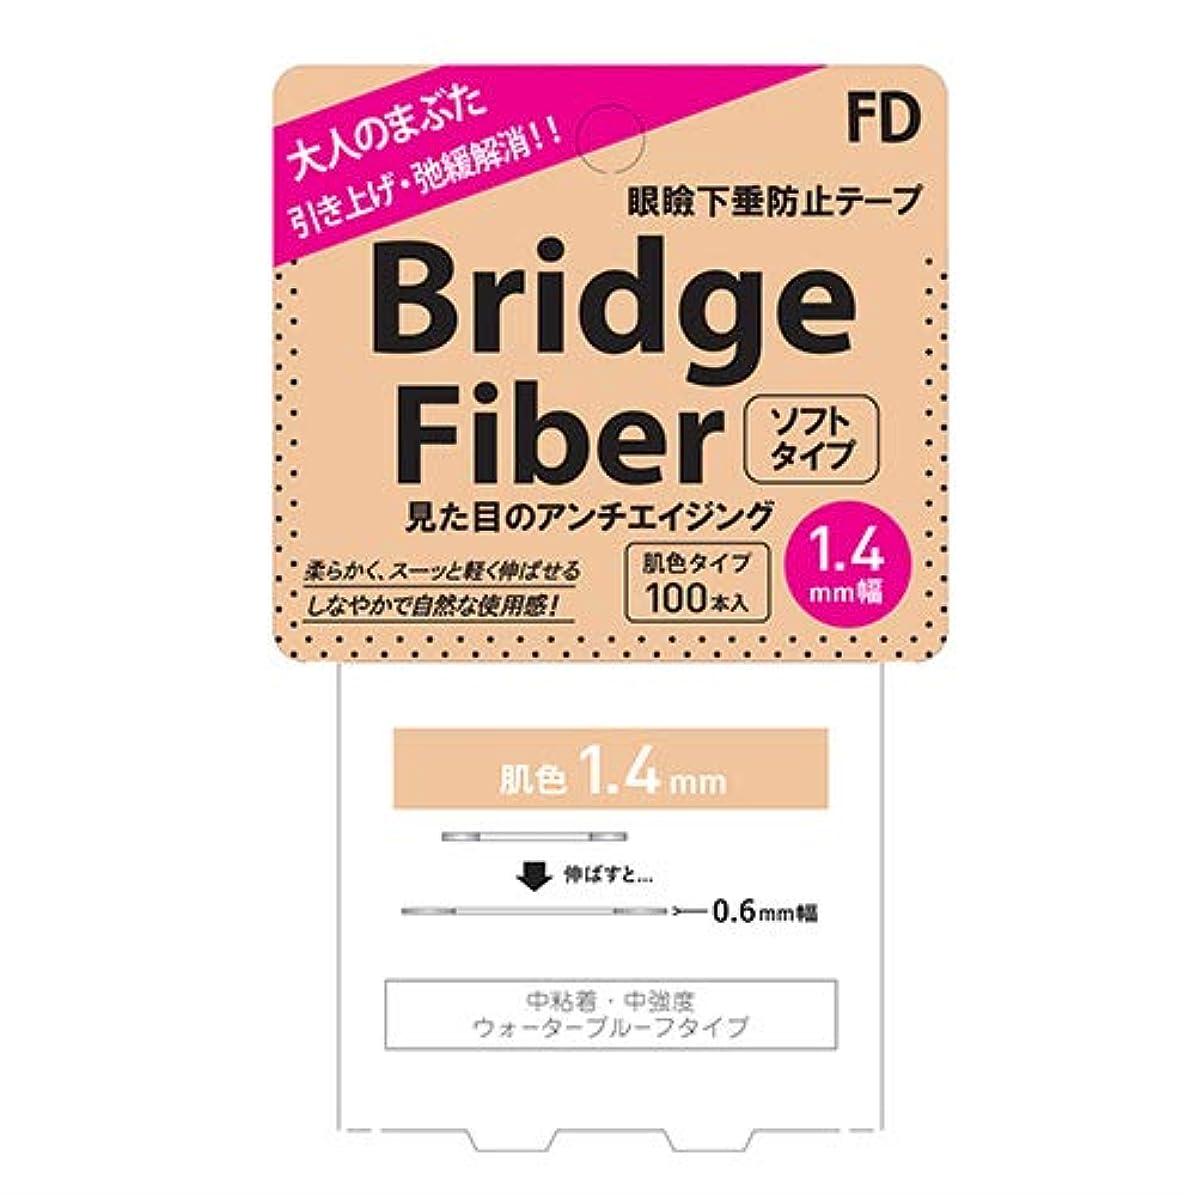 カトリック教徒切り刻む毒液FD ブリッジファイバーソフト (Bridge Fiber Soft) 肌色(ヌーディー) 100本入 1.4mm